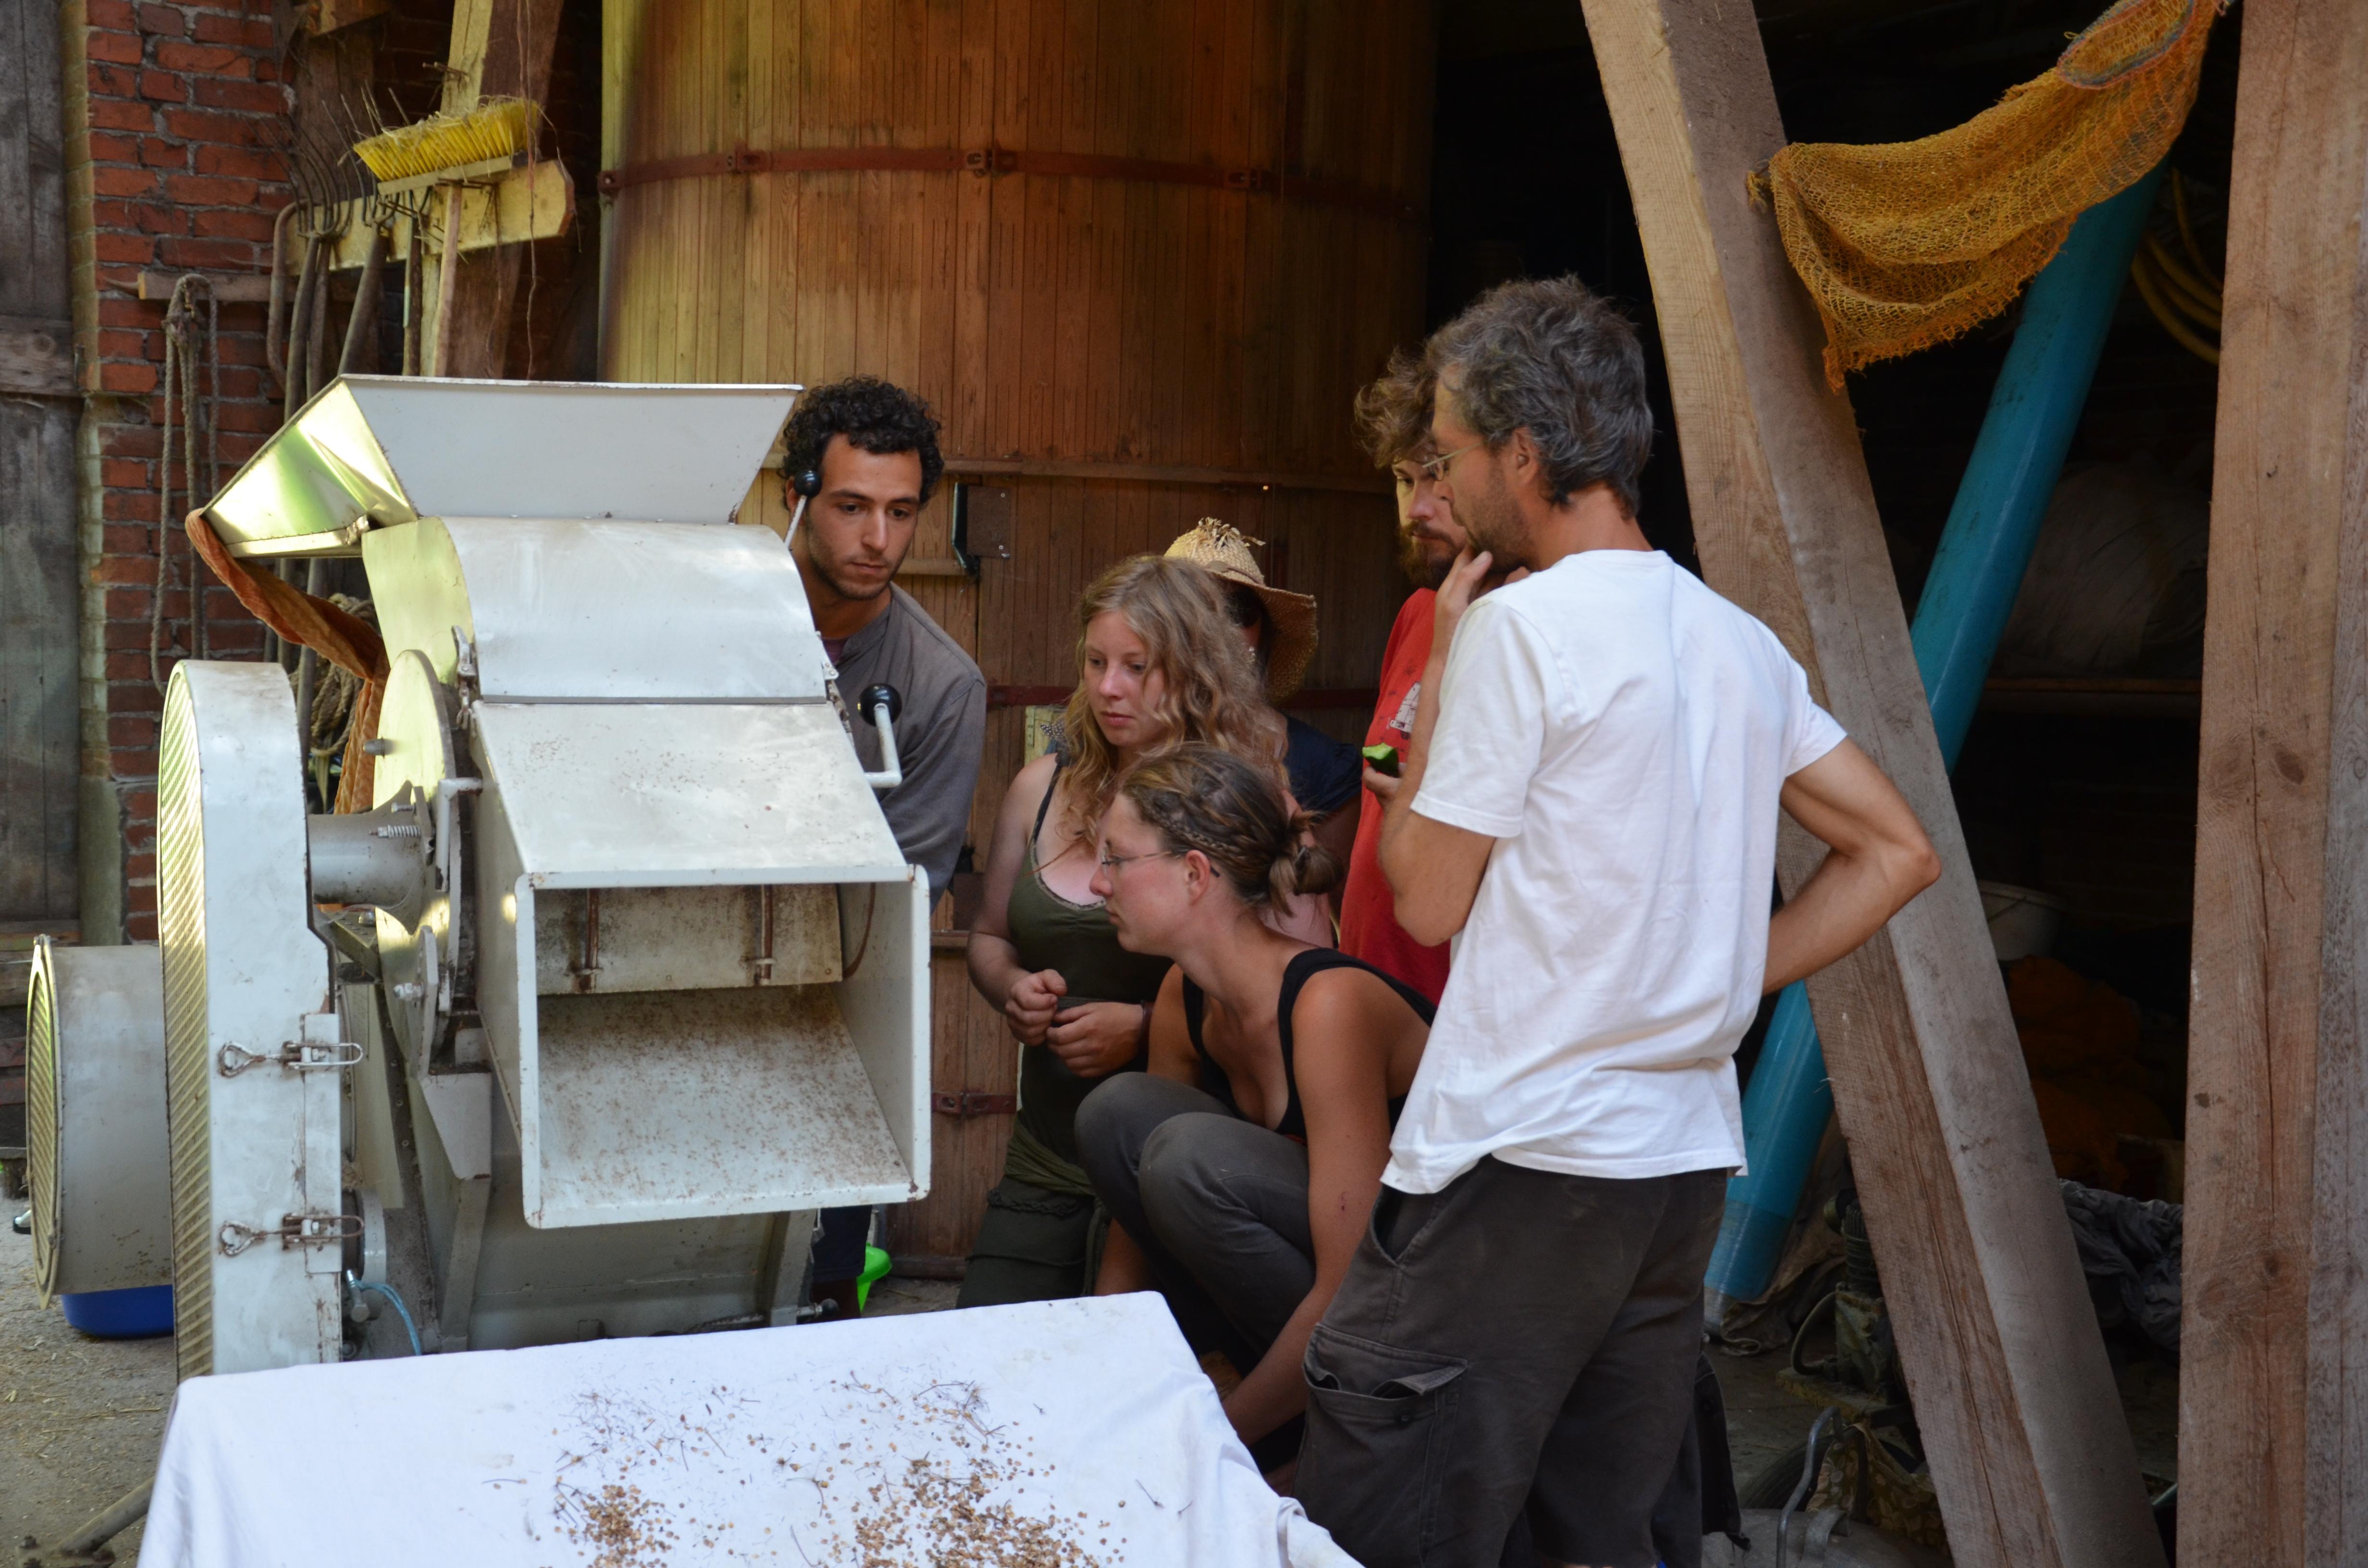 Angehende biodynamische Landwirte lernen in den Seminaren die verschiedenen landwirtschaftlichen Maschinen kennen, die auf den Demeter Höfen zum Einsatz kommen. Hier ist eine Maschine zur Saatgutreinigung zu sehen.